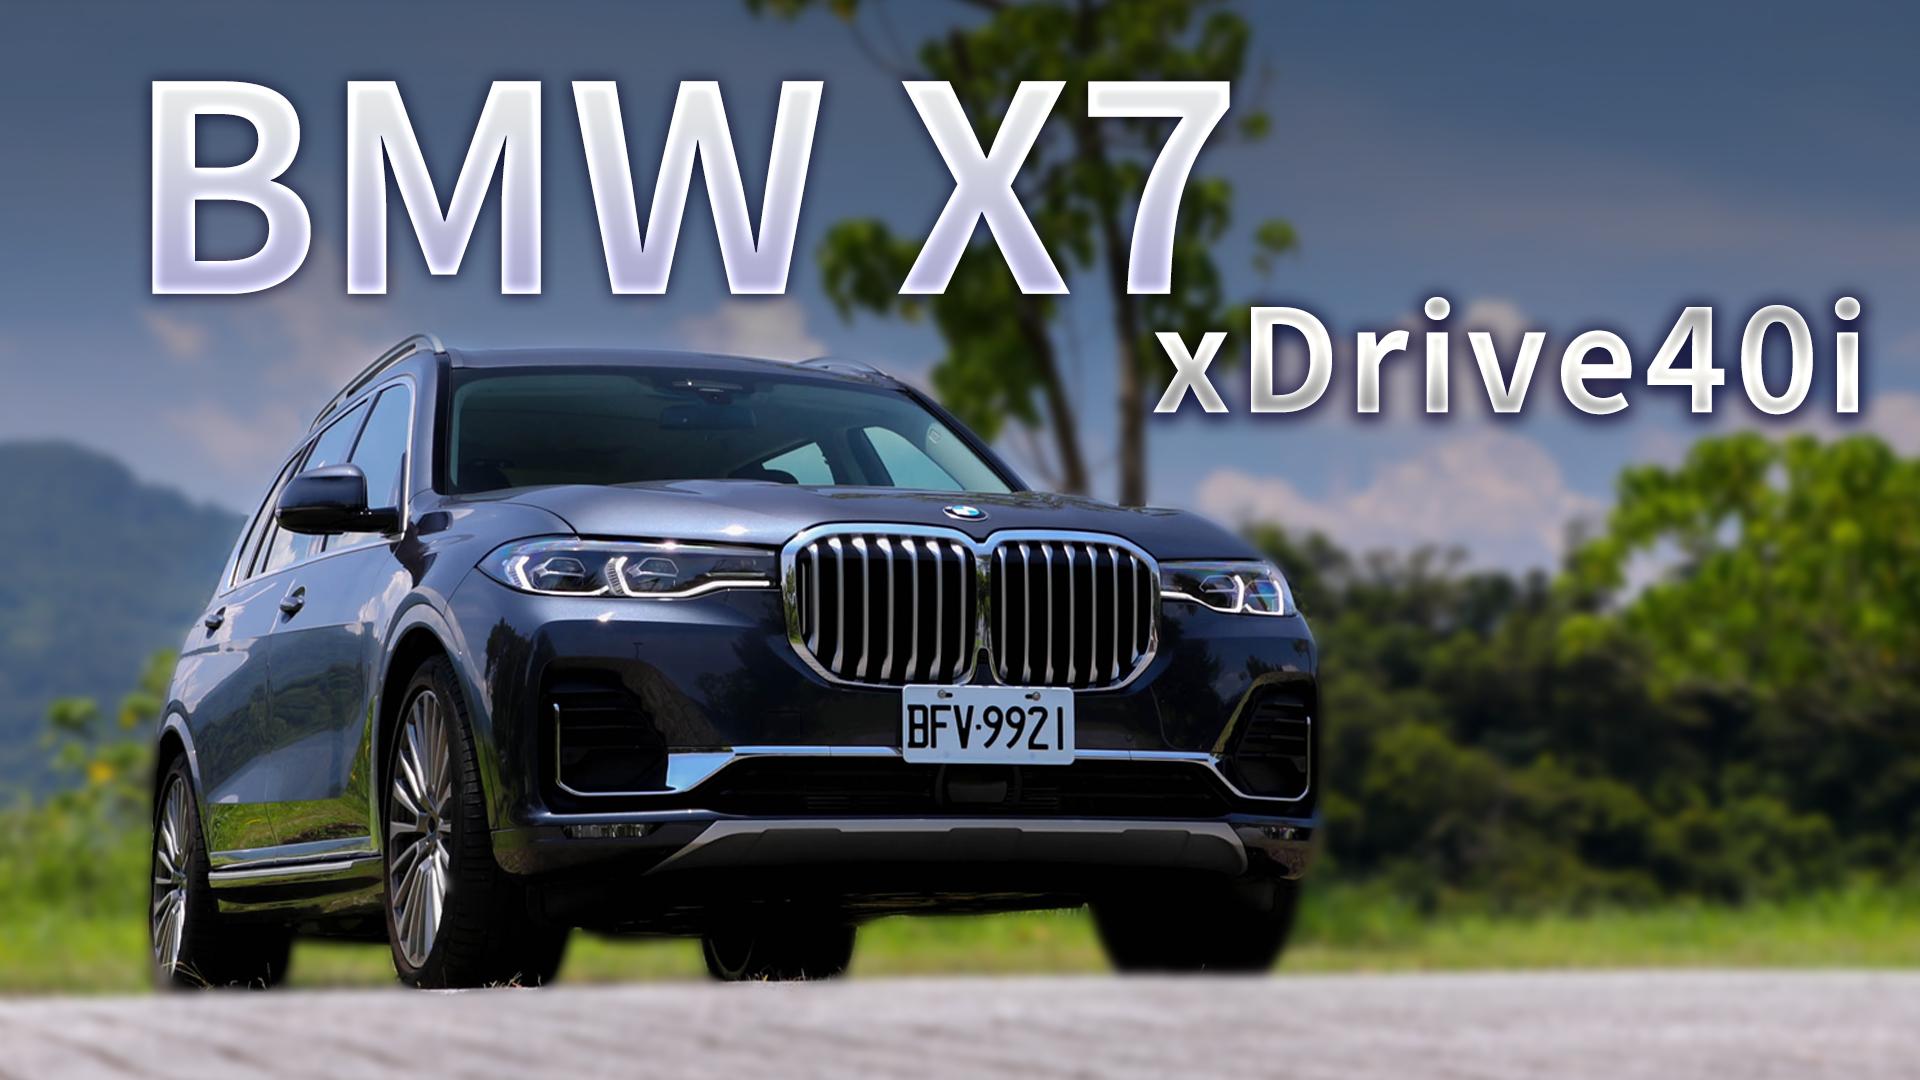 剛中有柔的駕馭!滿載七人都享受|BMW X7 xDrive40i 新車試駕